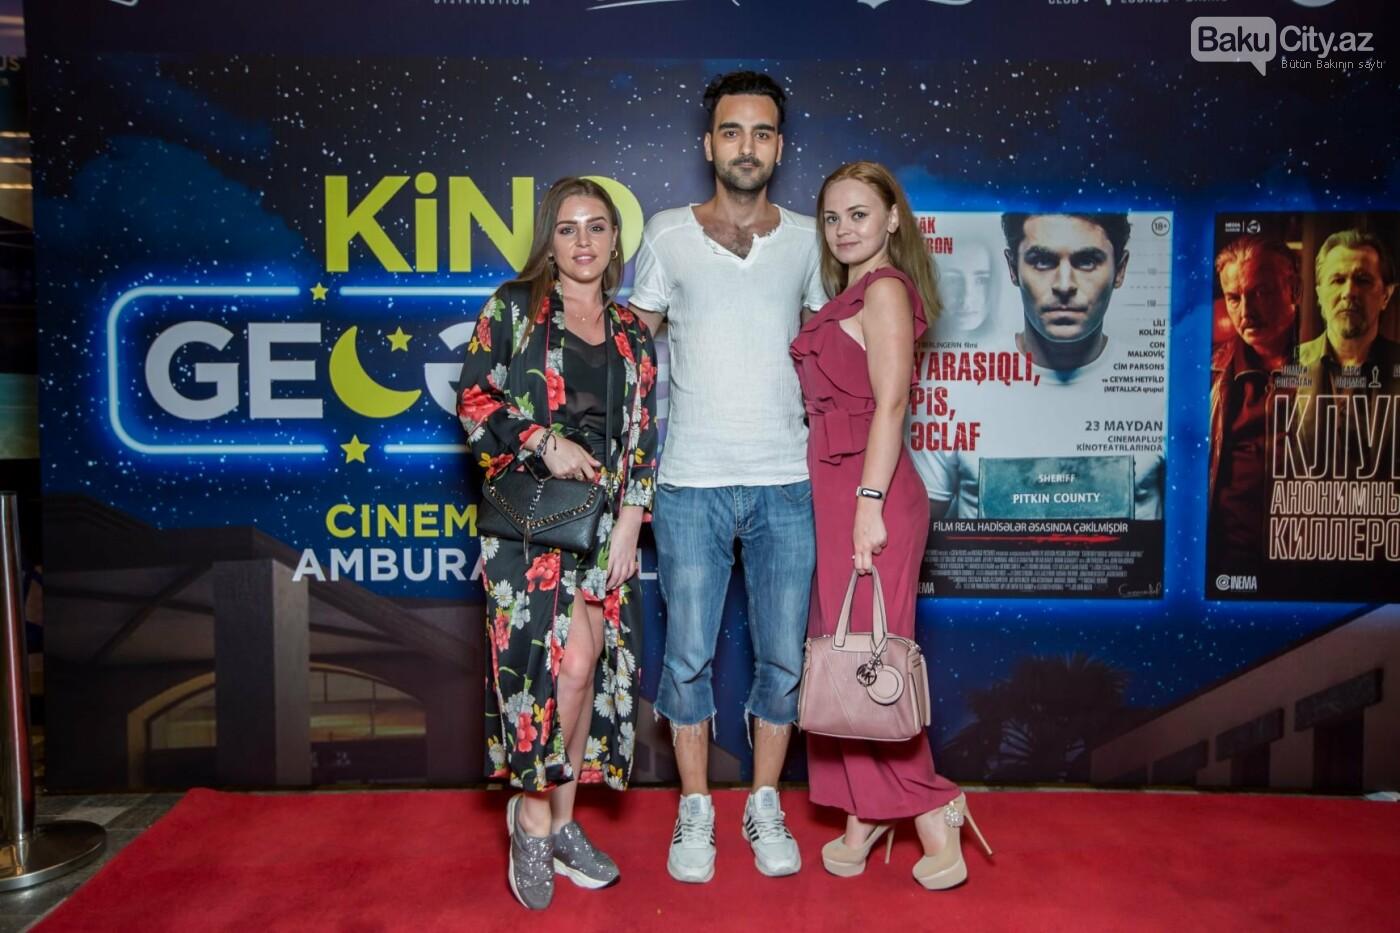 """Bakıda üç filmin nümayişi ilə """"Kino Gecəsi"""" keçirildi - FOTO, fotoşəkil-16"""